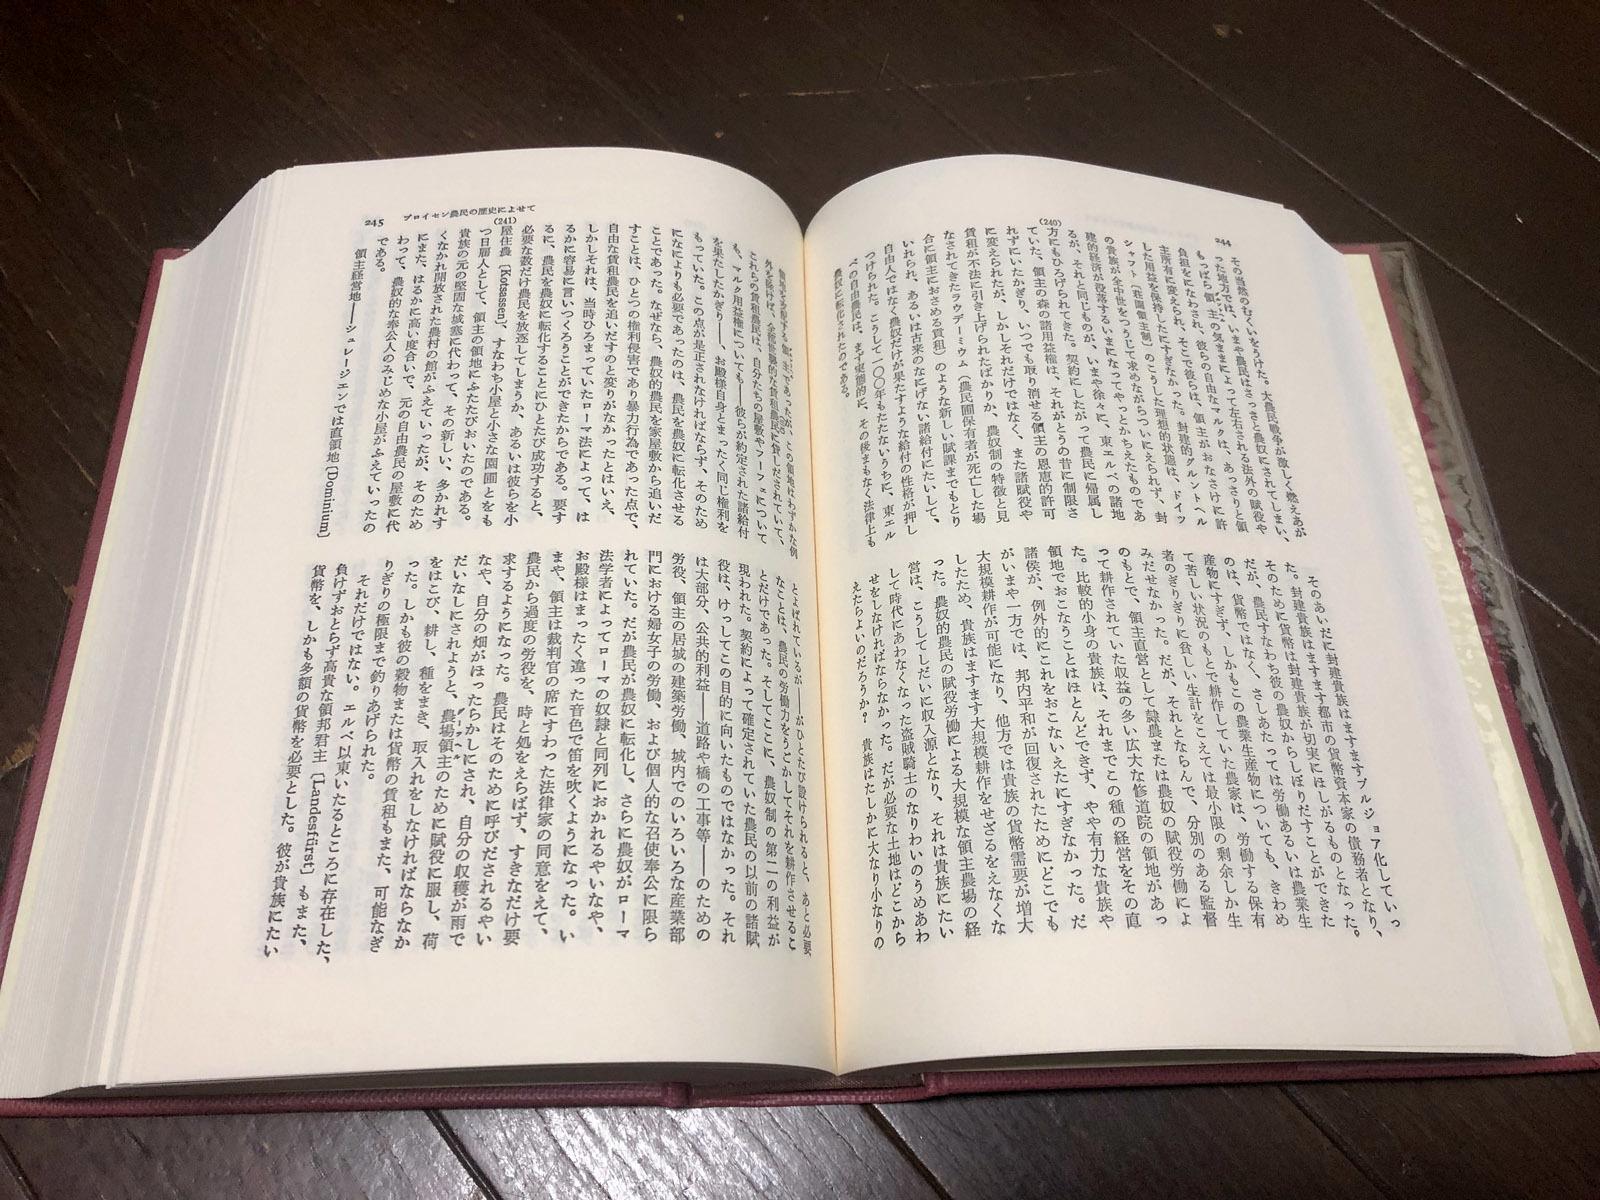 マルクス・エンゲルス全集を全巻読むことにした_e0367501_21312734.jpg